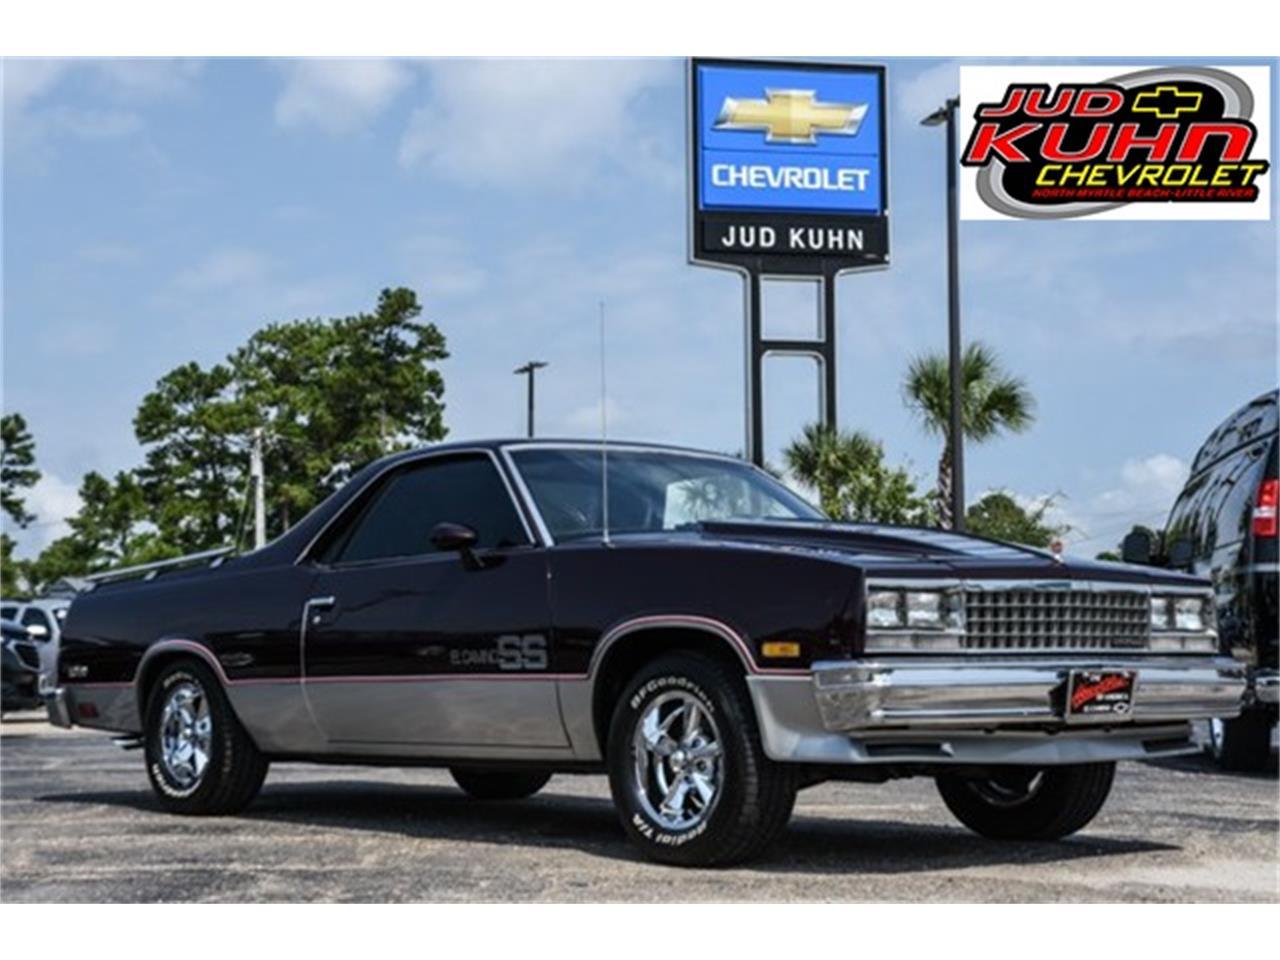 Chevrolet El Camino For Sale ClassicCarscom CC - Jud kuhn chevrolet car show